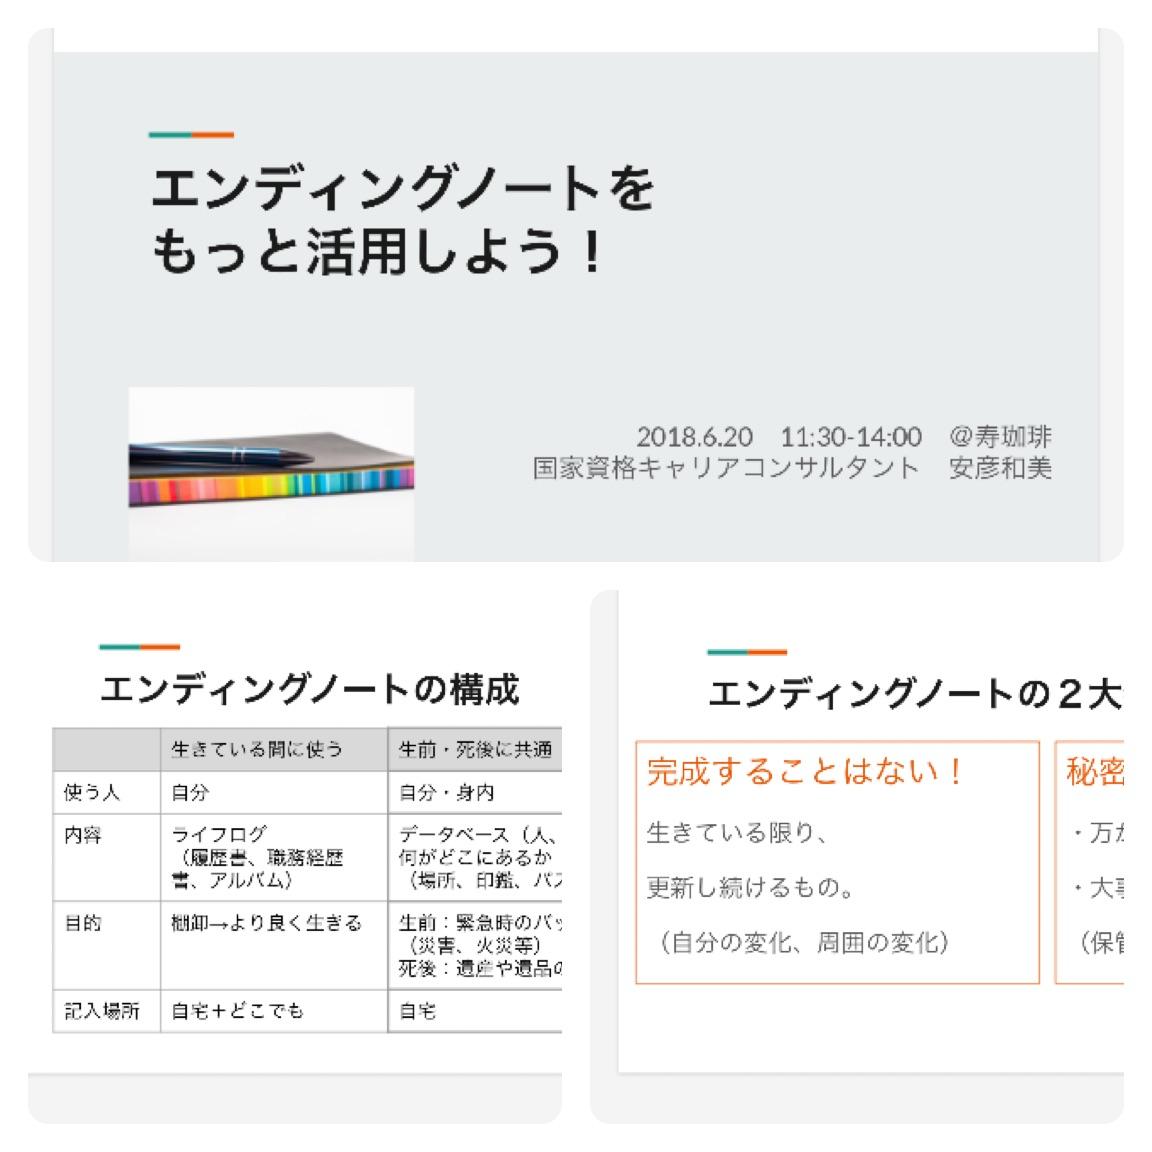 エンディングノート活用セミナー(資料)